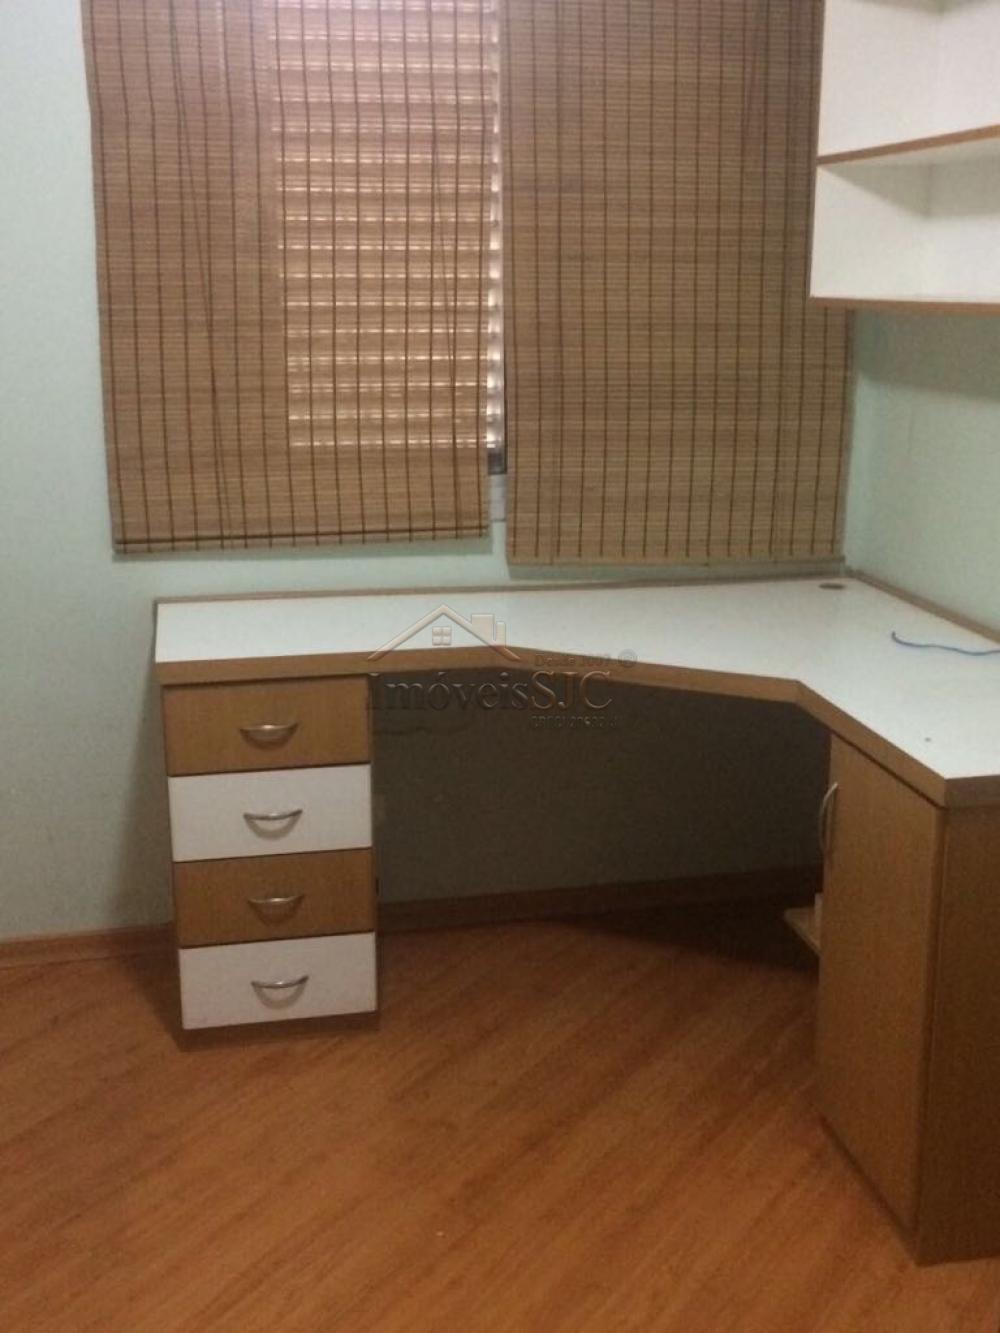 Comprar Apartamentos / Padrão em São José dos Campos apenas R$ 530.000,00 - Foto 11